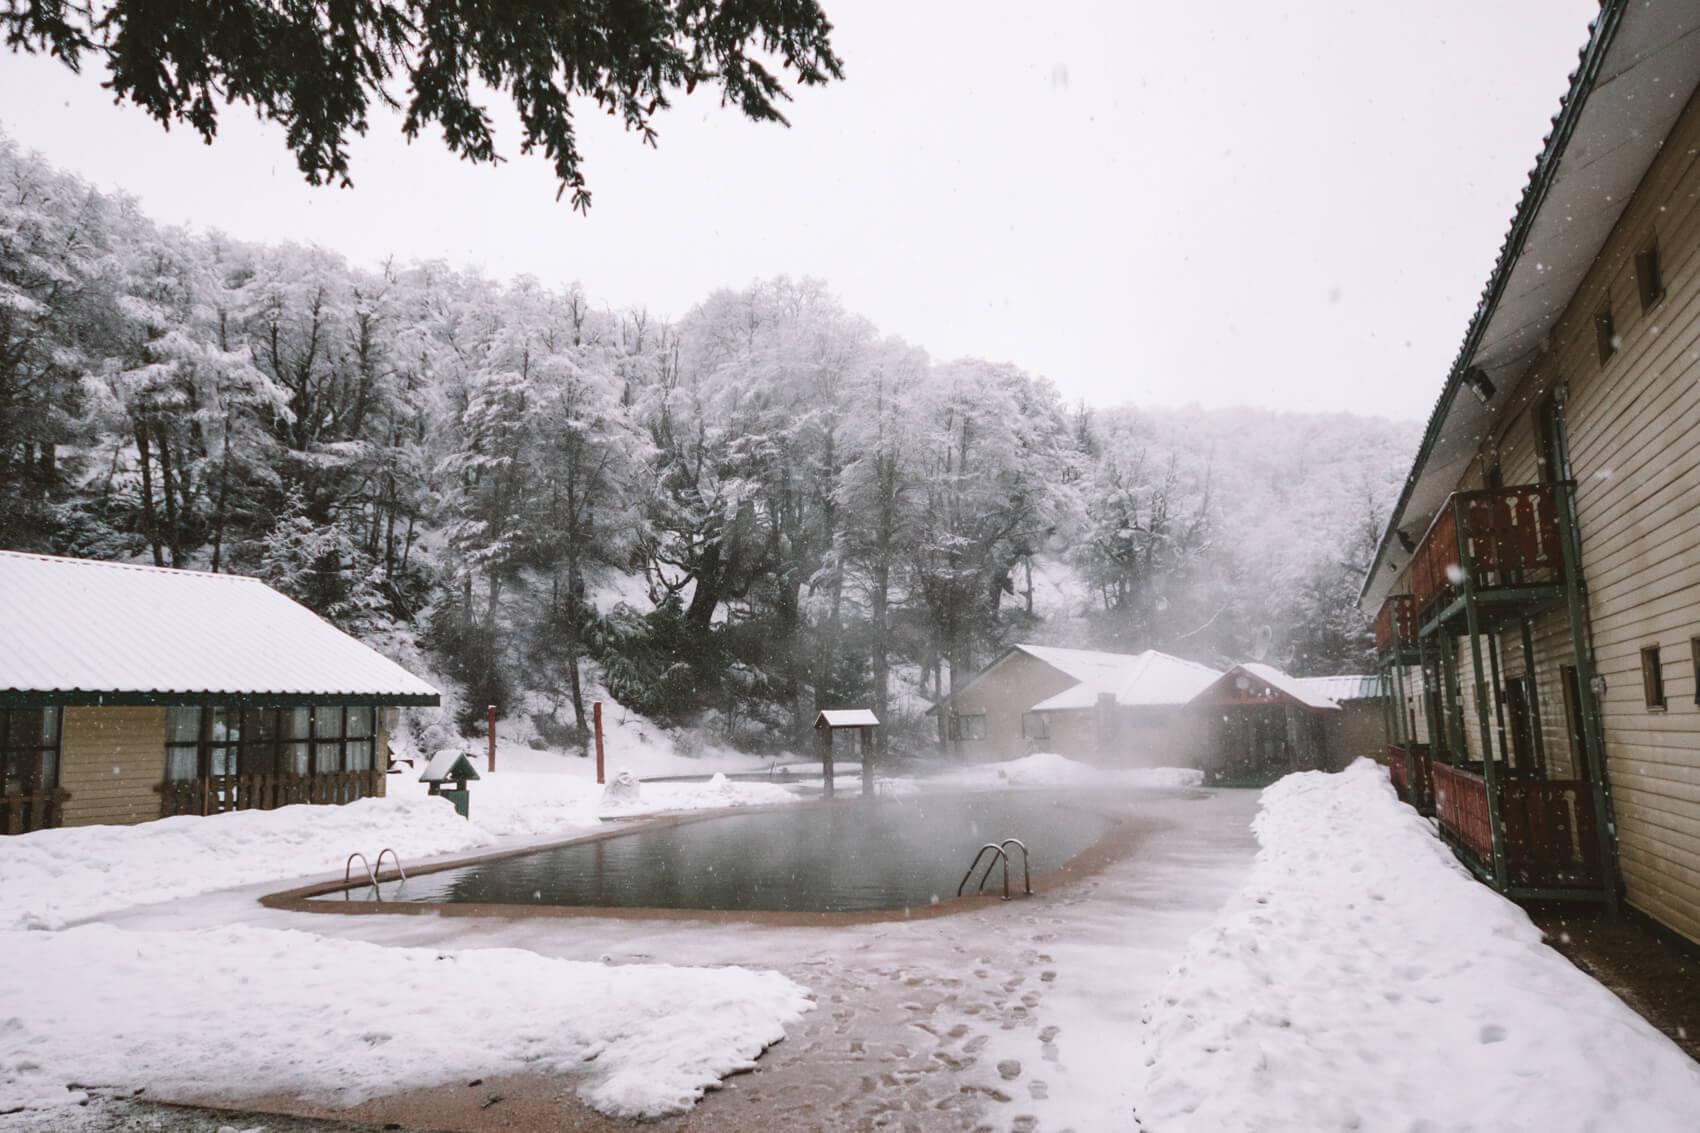 Piscina de águas termais do hotel Nevados de Chillán | por @viajandonajanela